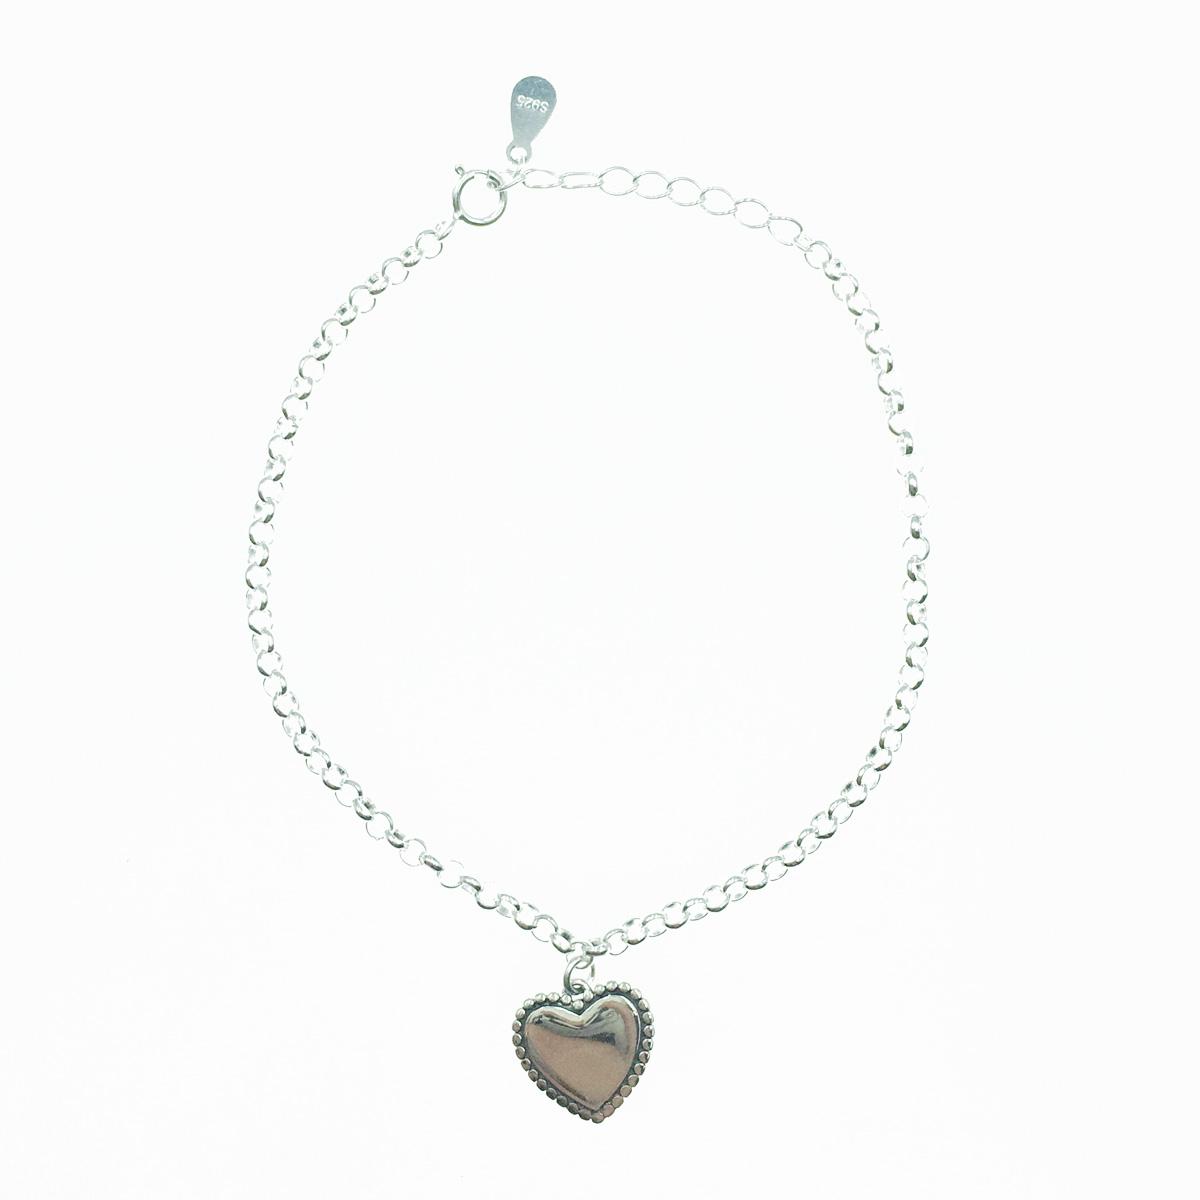 韓國 925純銀 金屬愛心 墜飾 可愛甜美 手飾 手鍊